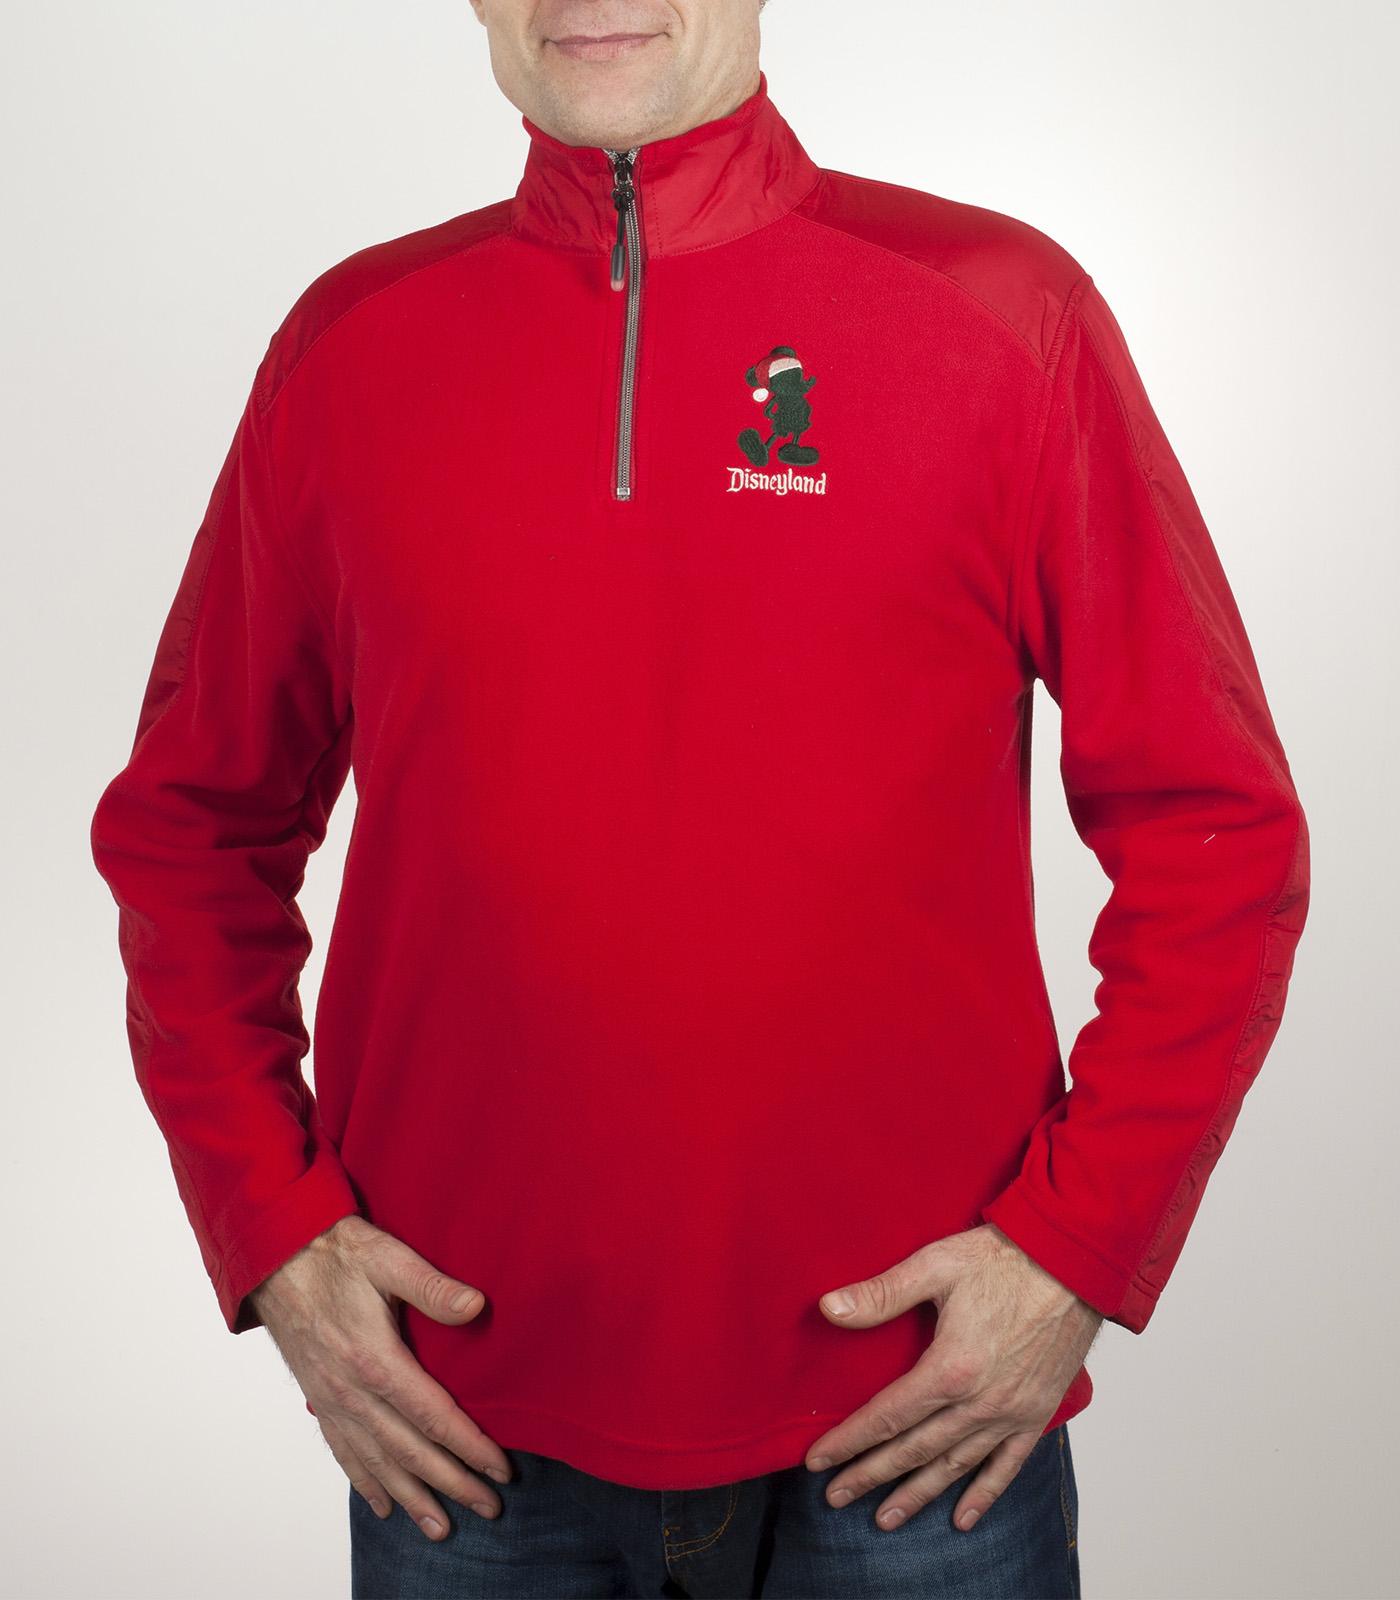 Красная мужская кофта бадлон Disney Parks. Утепленная брендовая вещь на осень-зиму. Усиленные строчки, непродуваемые вставки на спинке и рукавах, адекватная цена